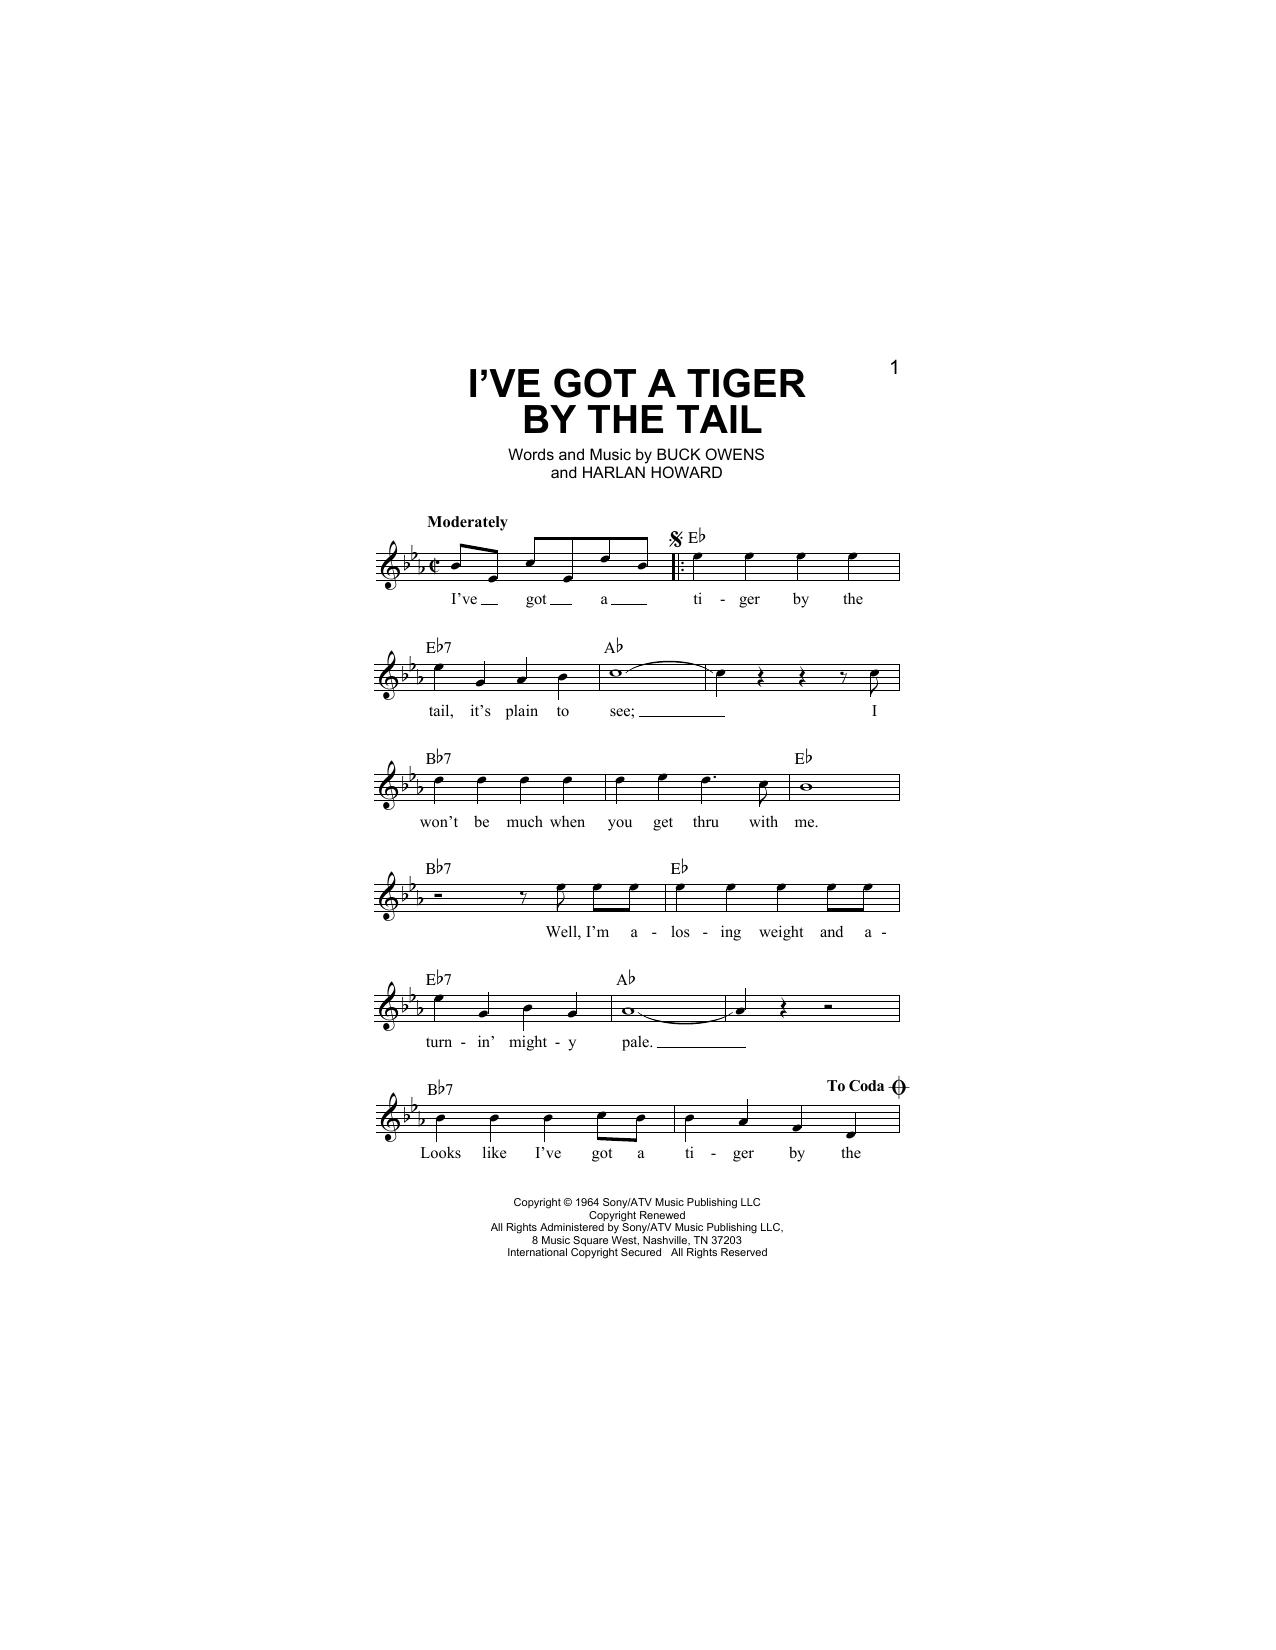 Sheet Music Digital Files To Print Licensed Buck Owens Digital